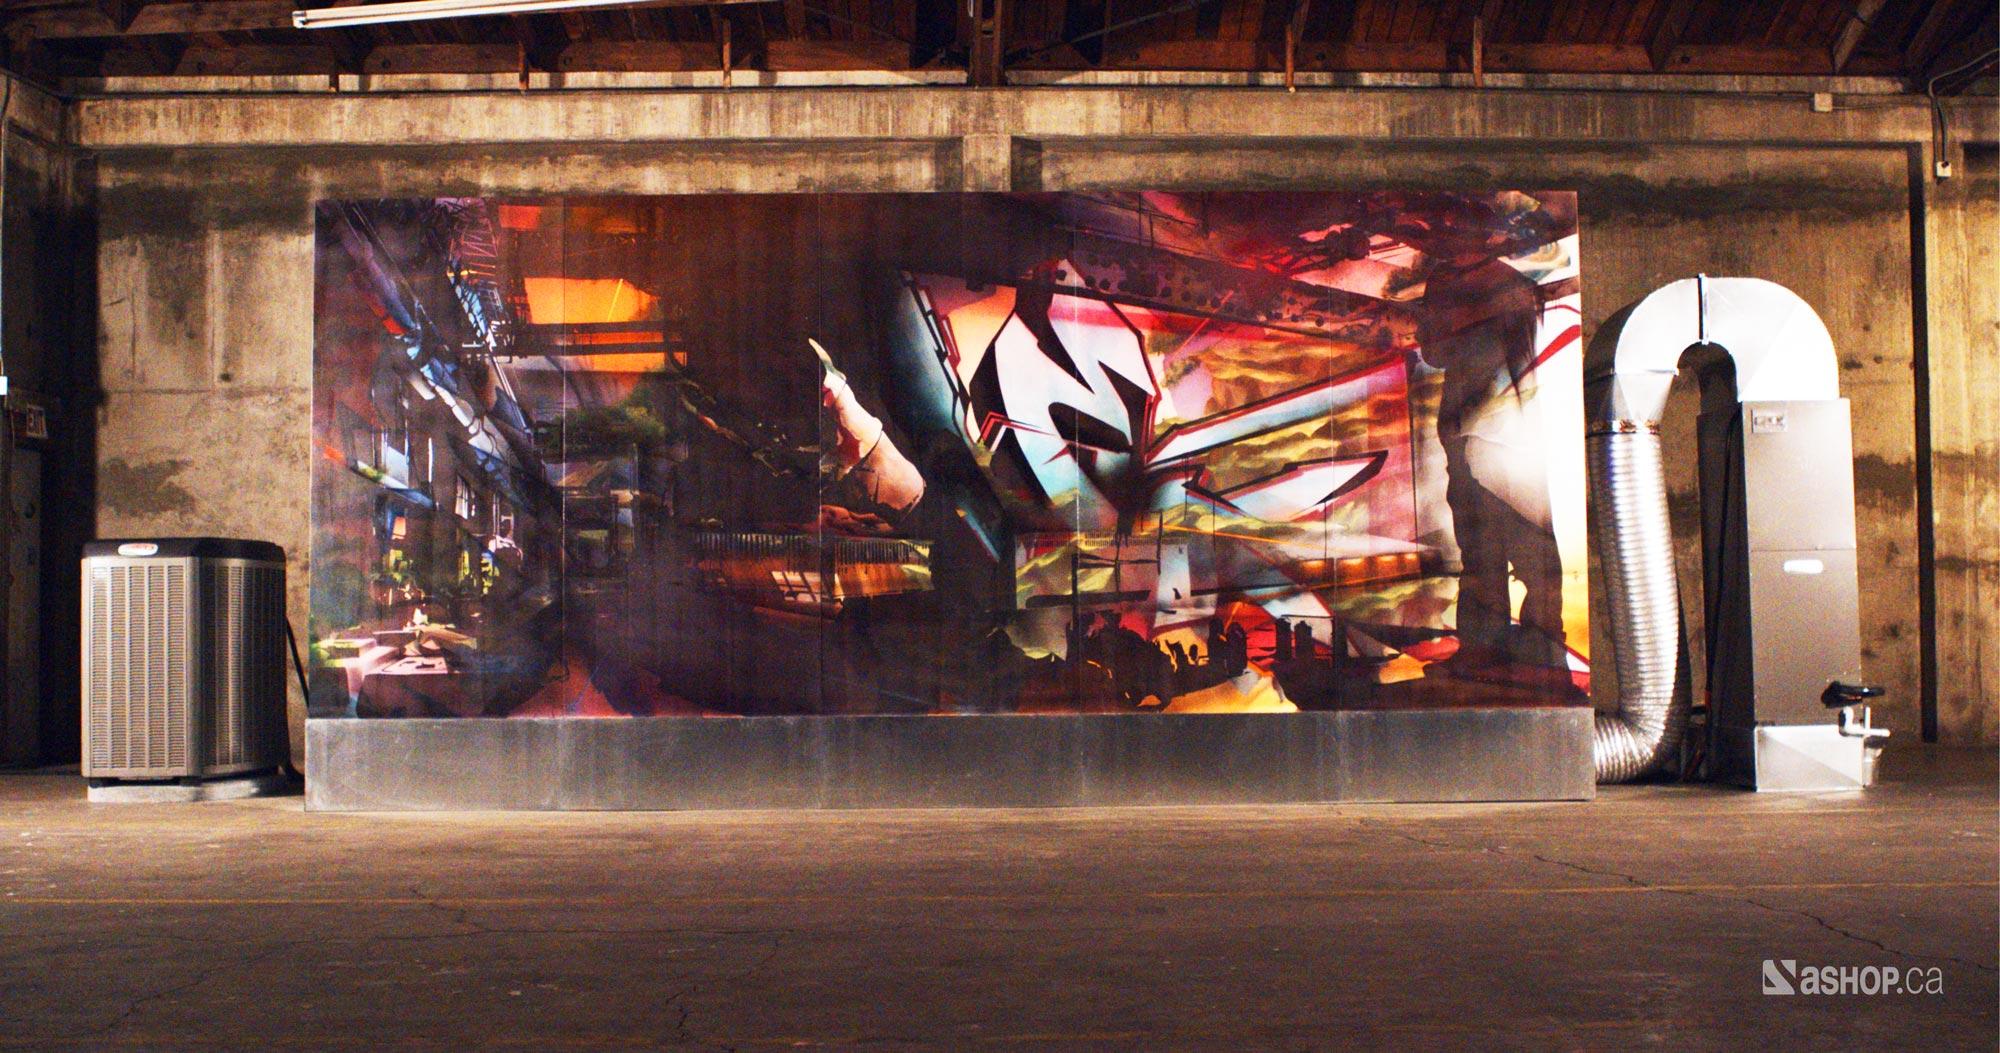 lennox_zek-one_after_ashop_a'shop_mural_murales_graffiti_street_art_montreal_paint_WEB.jpg